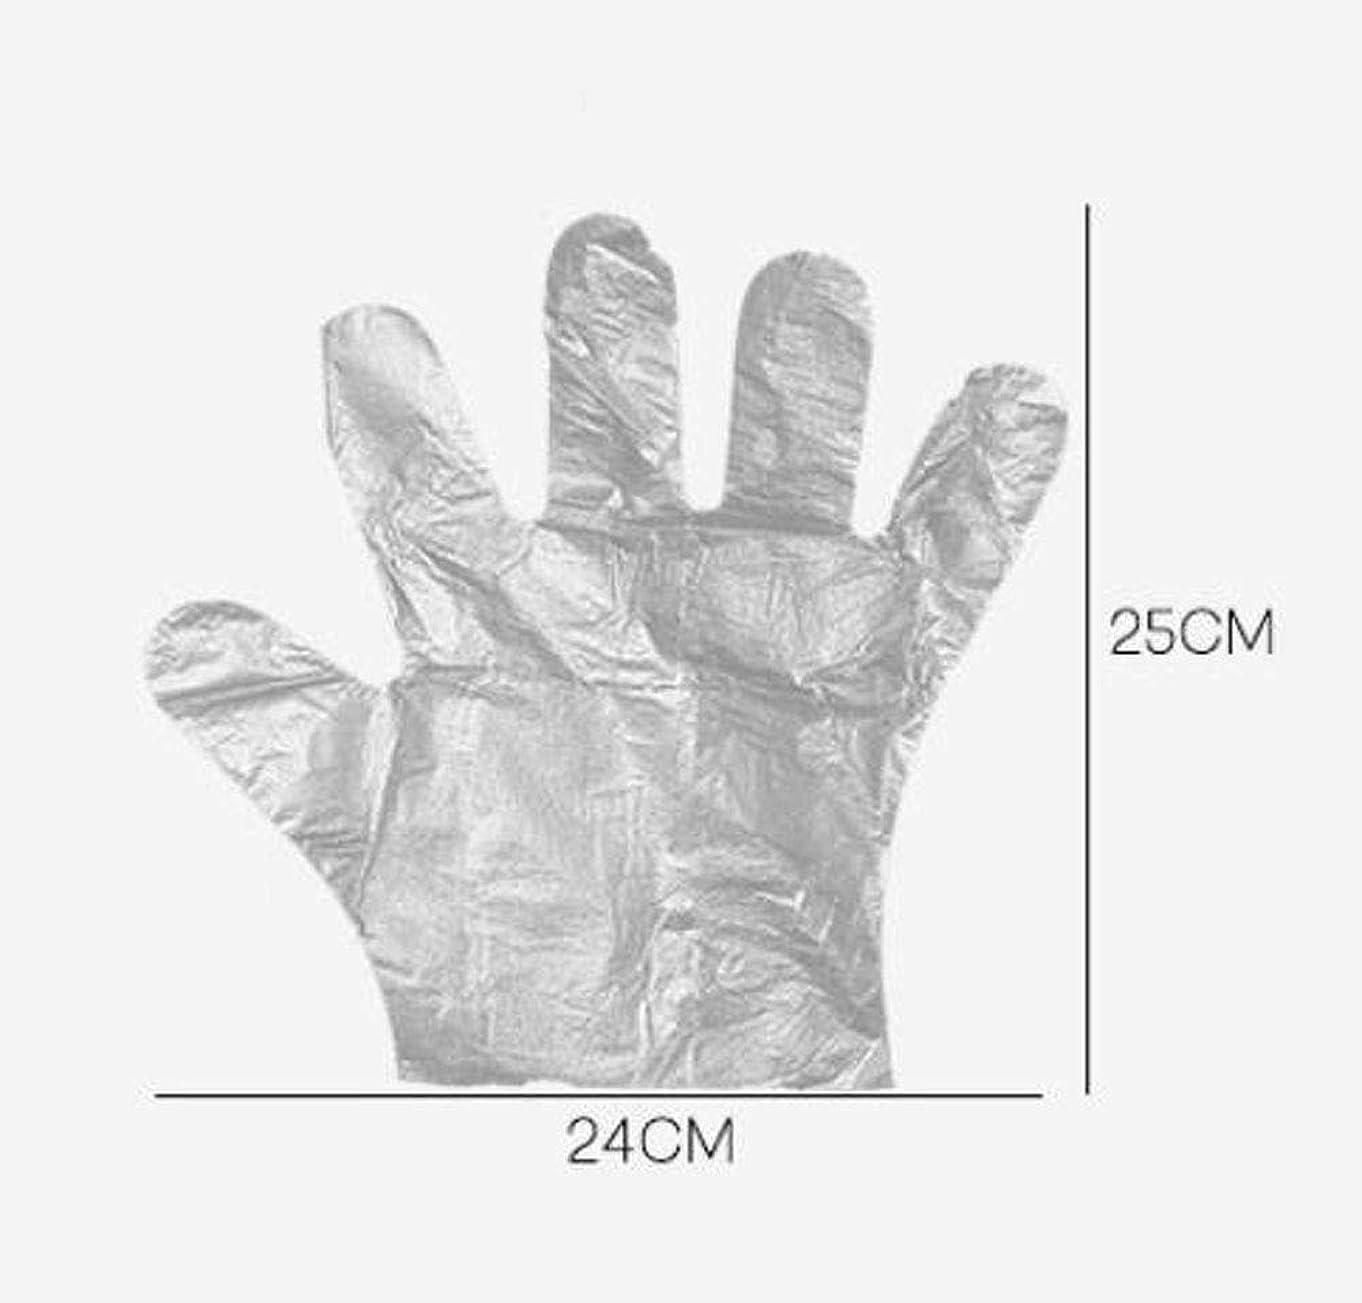 粗い香水所有権HJ 使い捨て手袋 ポリエチレン使い切り手袋 極薄い ポリ手袋 使い切り手袋 透明手袋 耐油 防水 介護 トイレ掃除 左右兼用 手荒れを防ぎ 素手 薄いタイプ (200ペアセット)